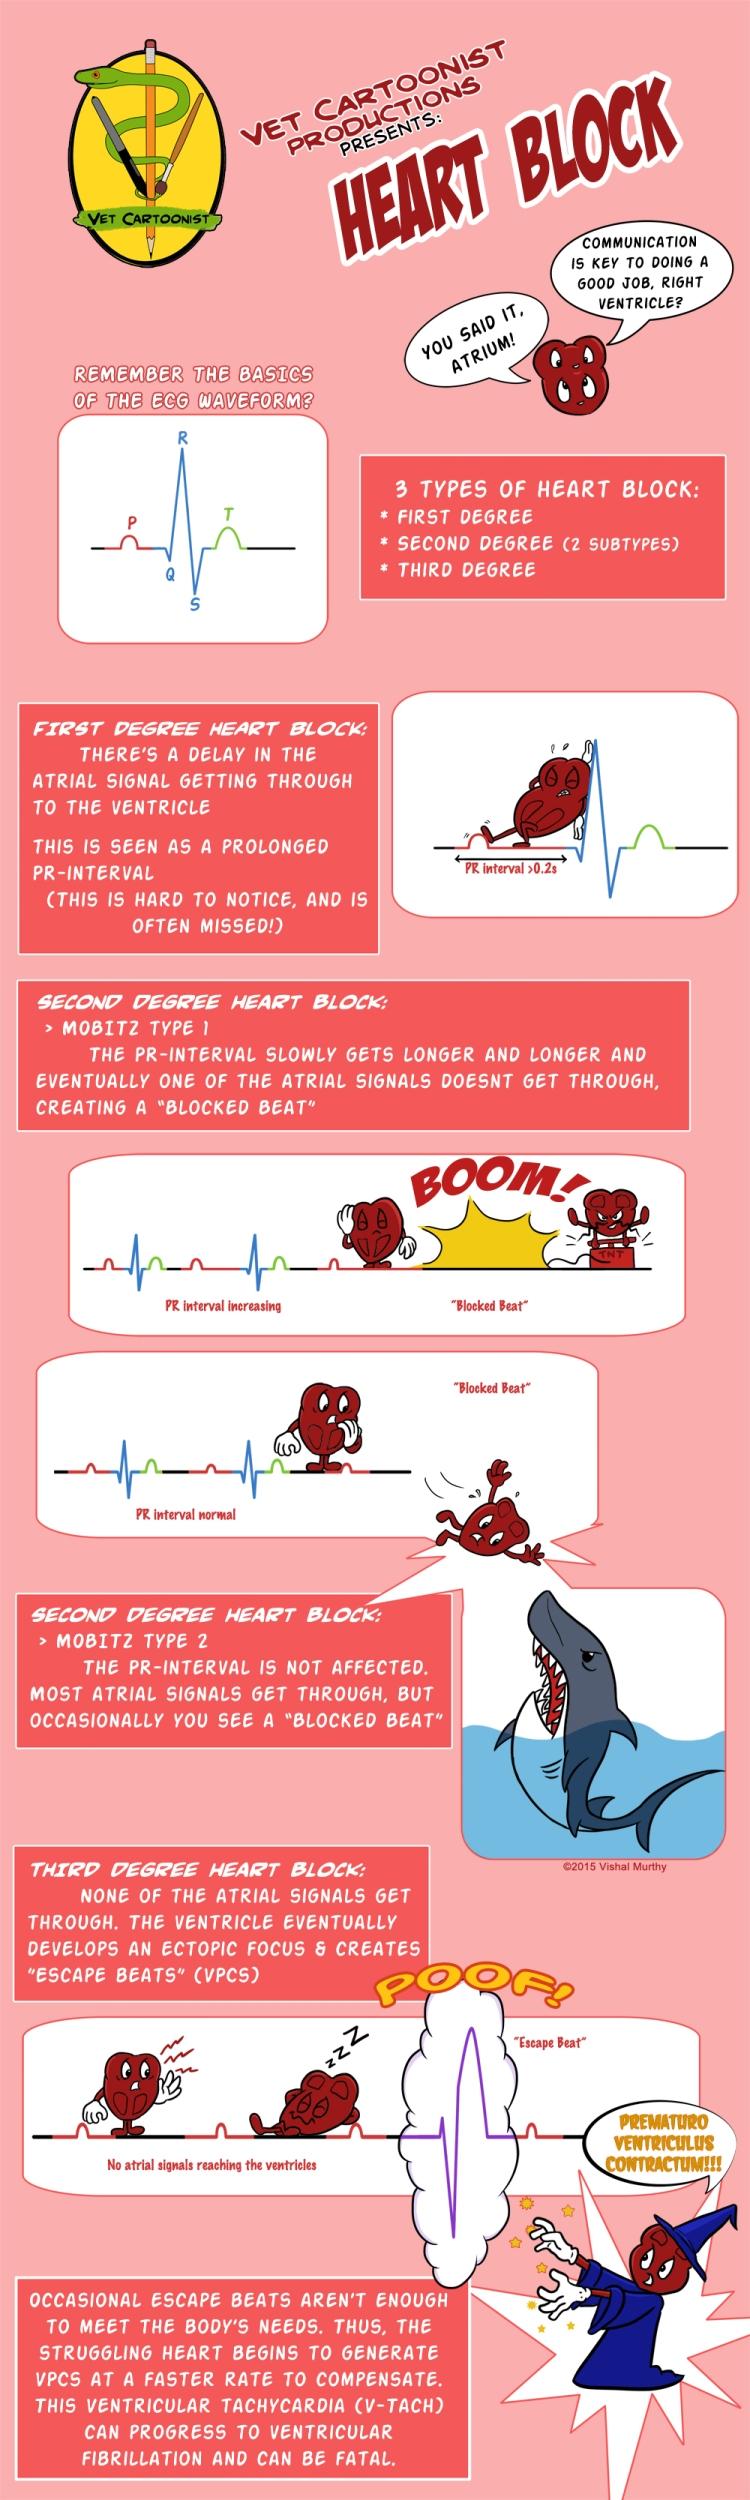 heartblock comic